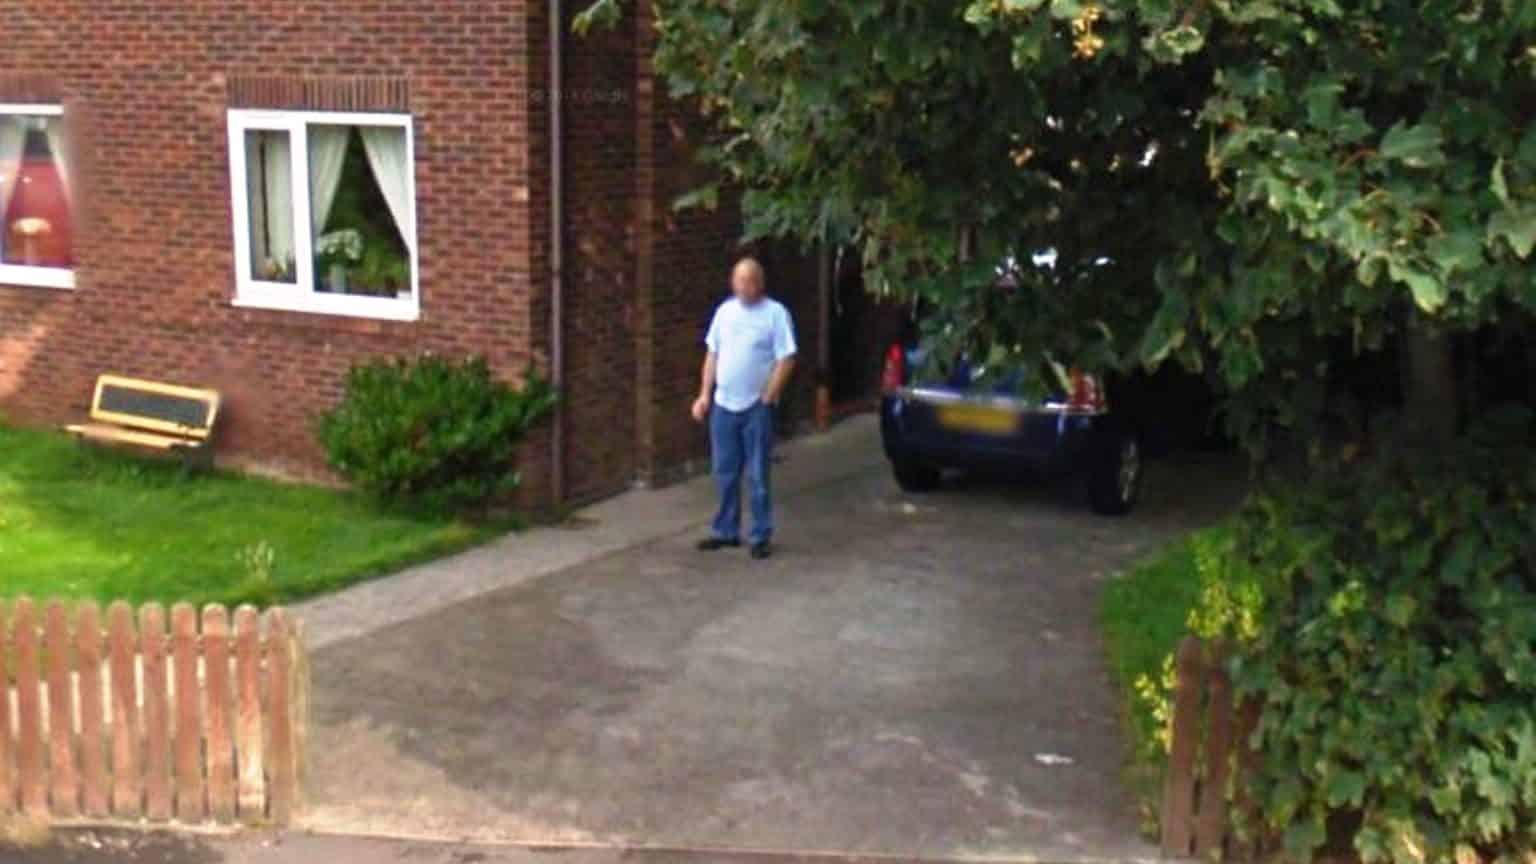 Giuro ho smesso di fumare, ma la moglie scopre su Google Street View che non è vero e chiede il divorzio